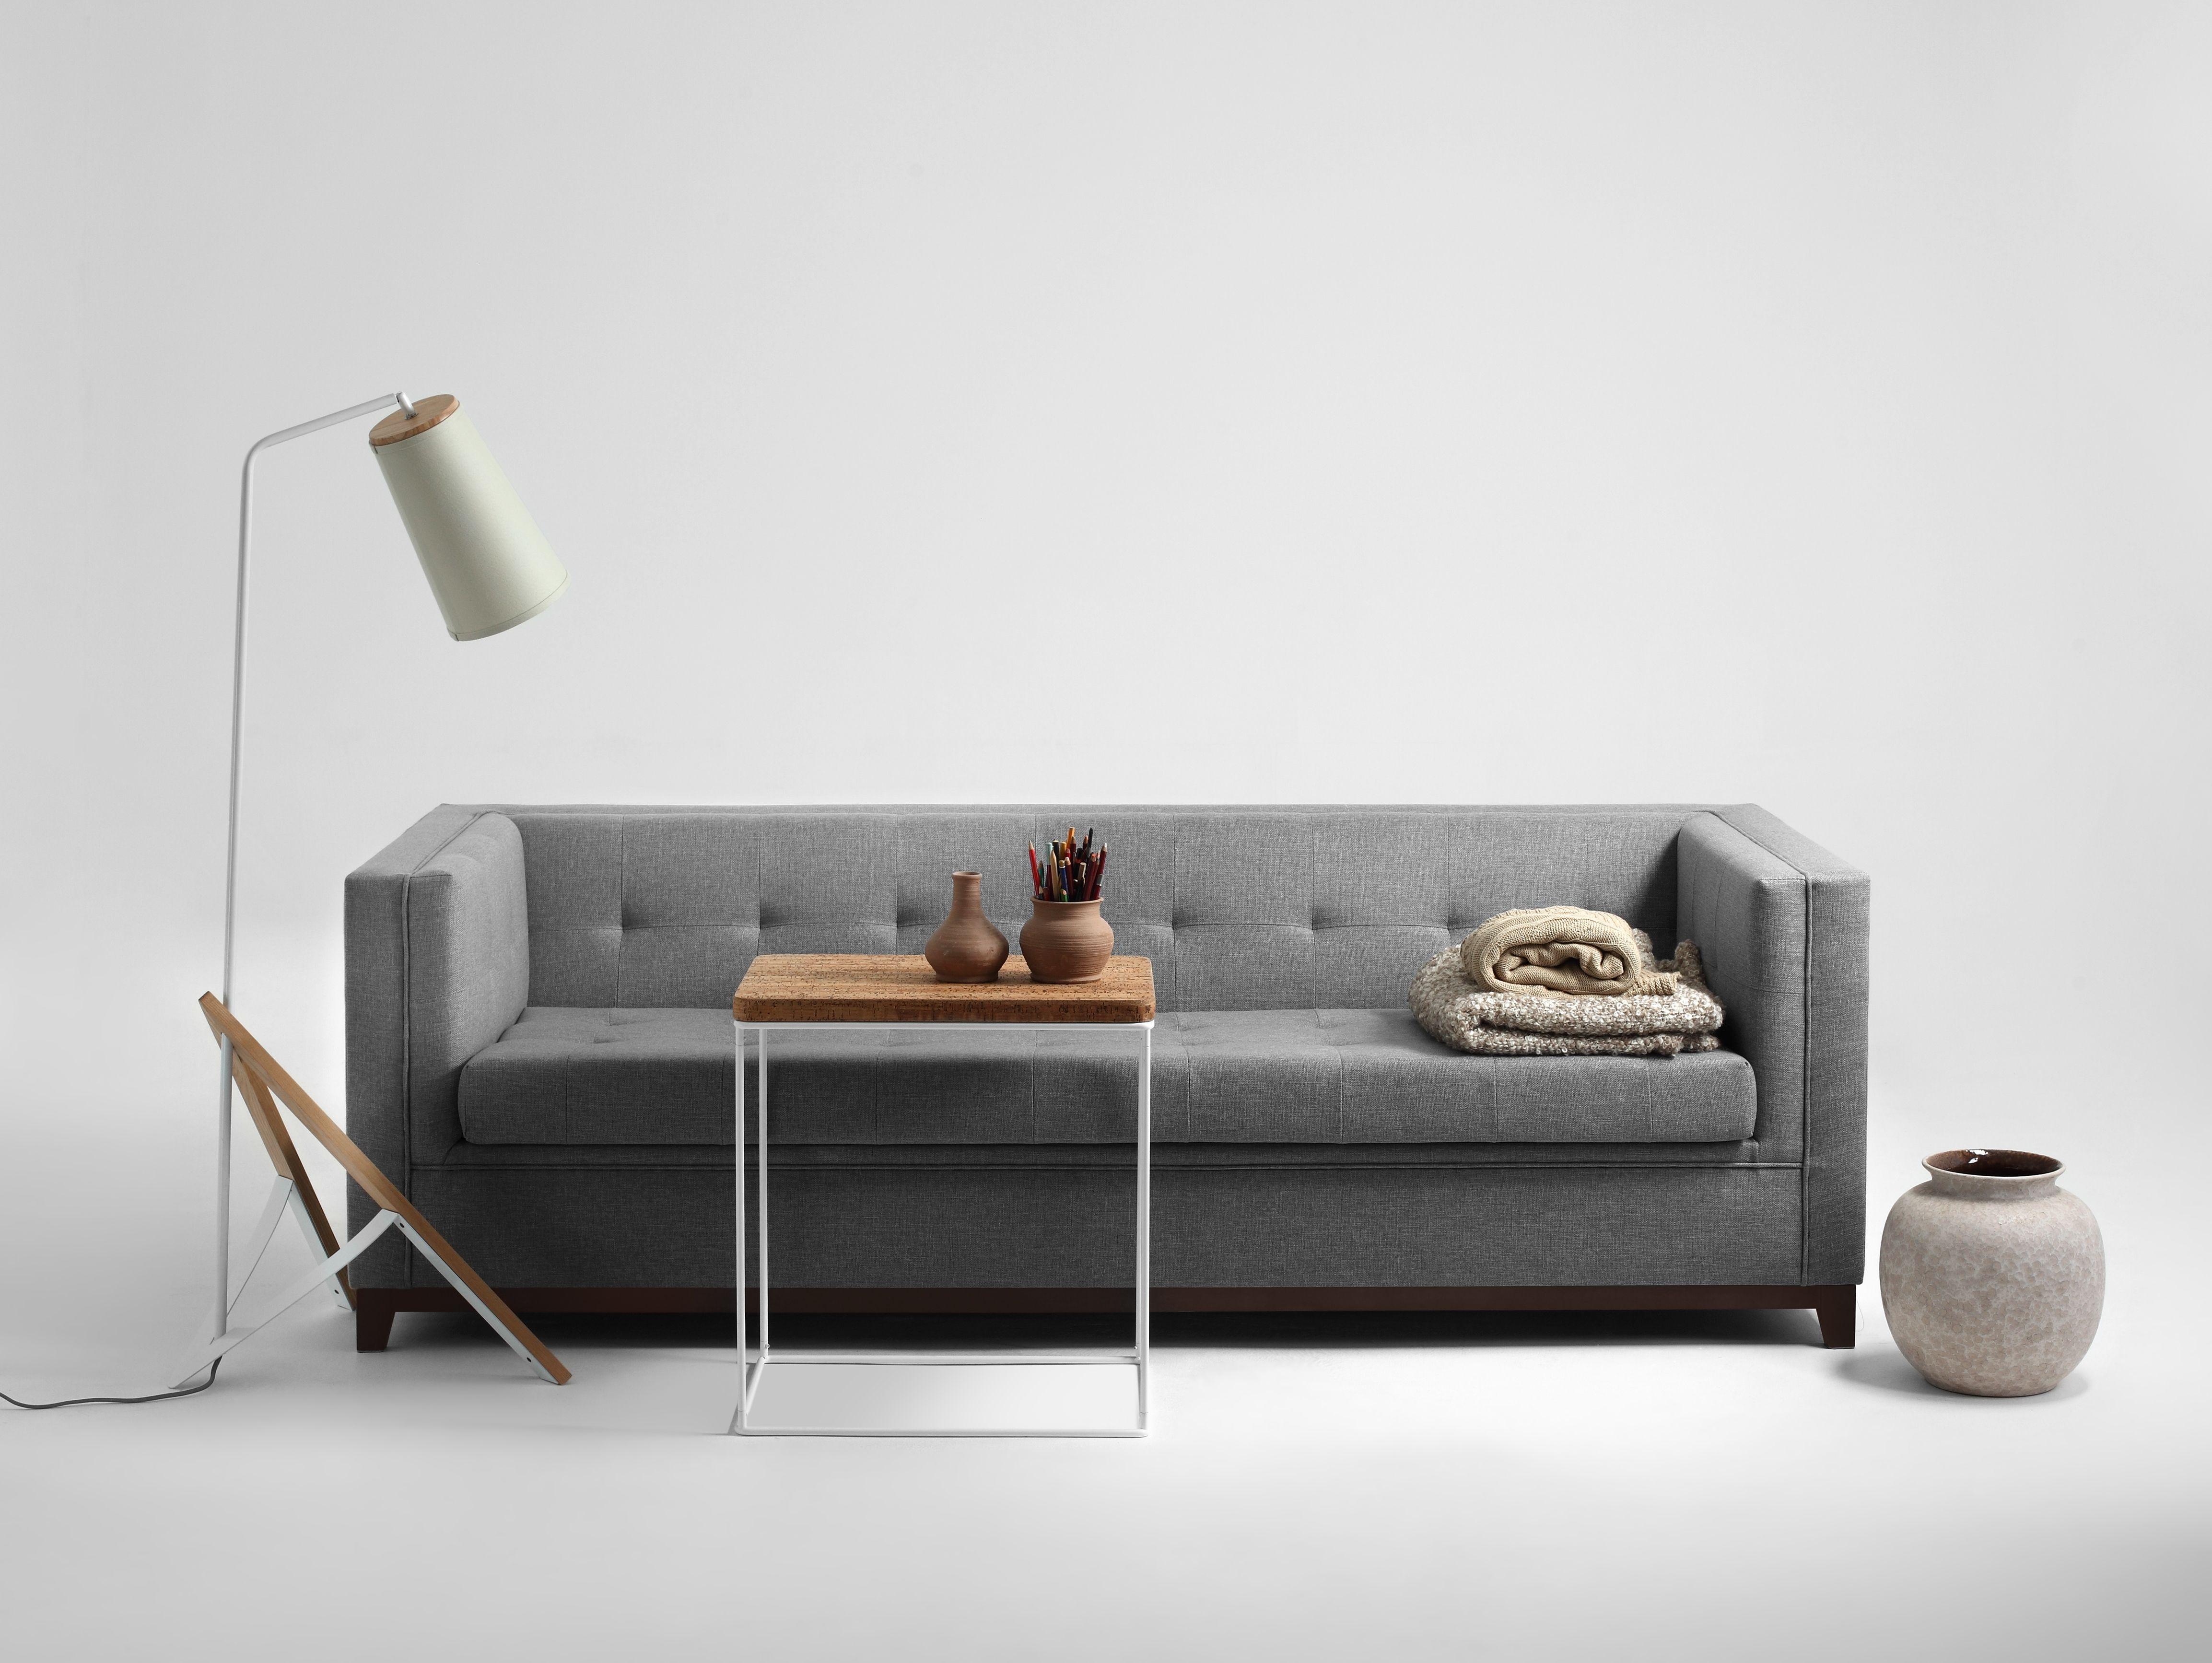 Pin By Sofafrom Com On Sofas Sofa Comfy Sofa Modern Sofa